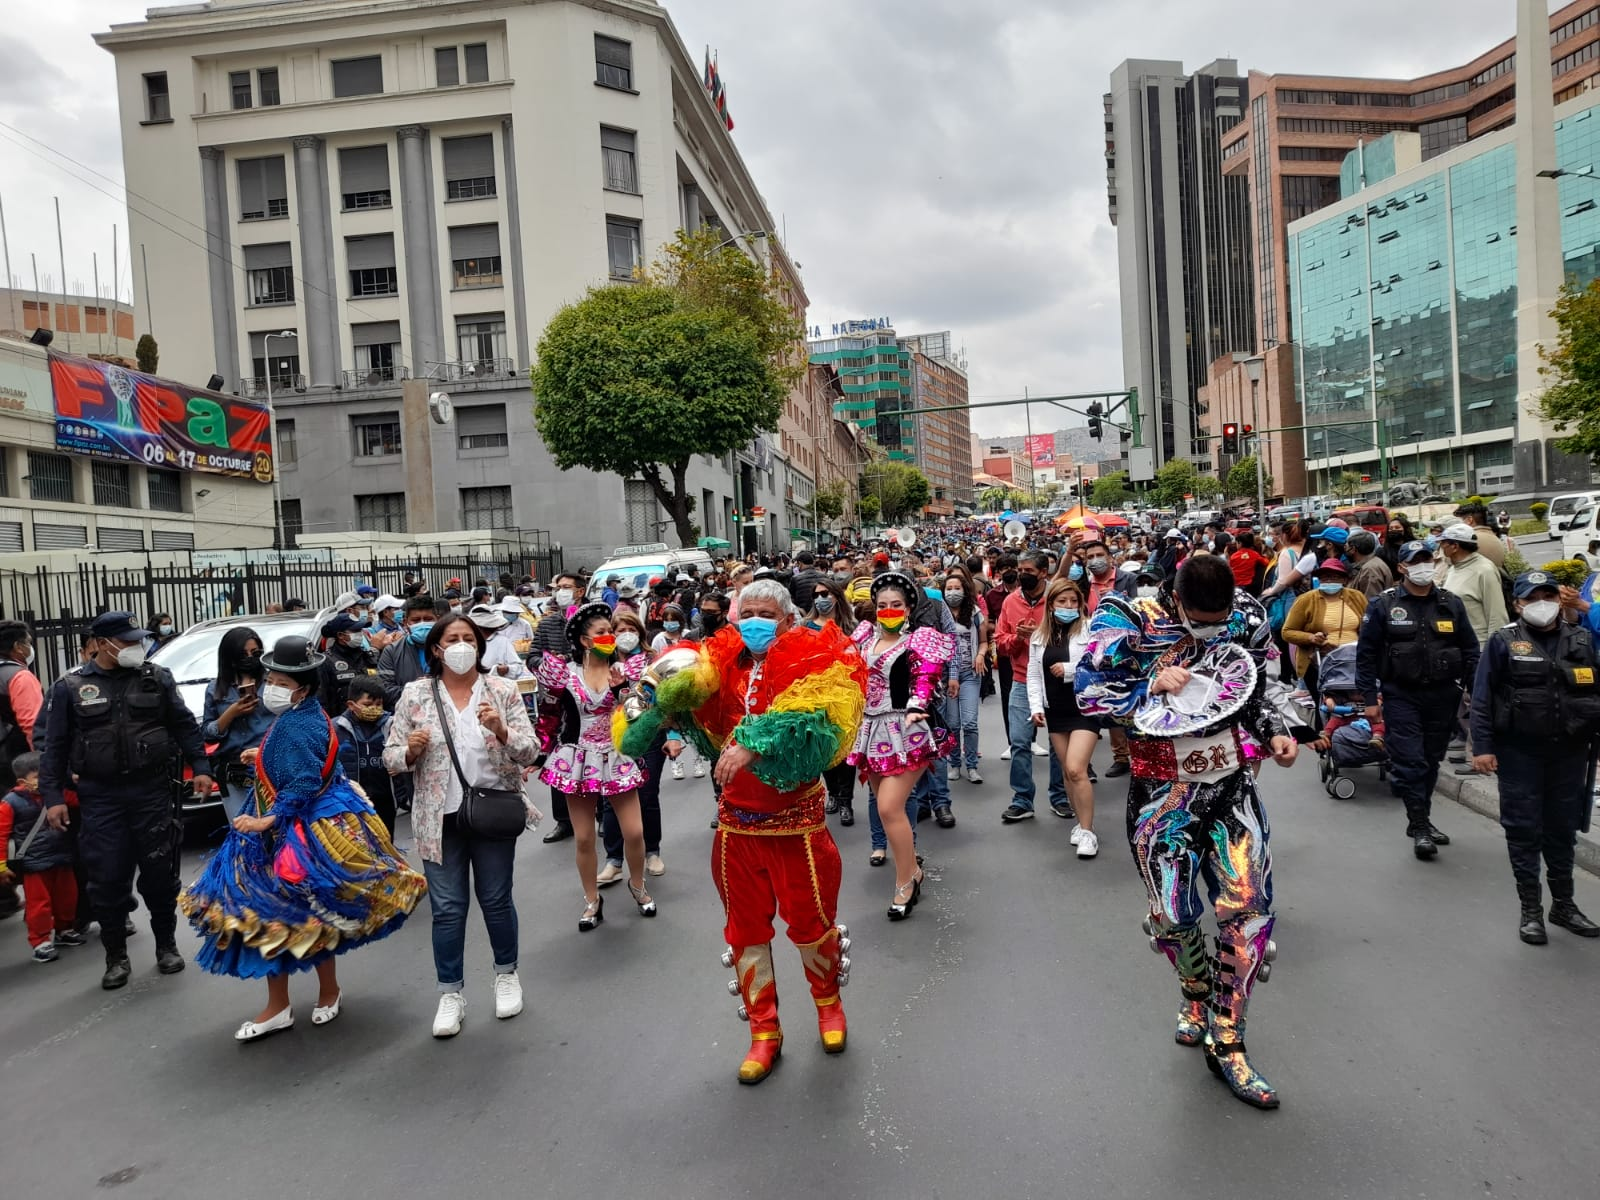 """Iván Arias Durán (NEGRO) على تويتر: """"Así como el tango es argentino, el  Caporalazo busca decirle al mundo que el caporal es paceño, pero ante todo  boliviano, por eso hay que bailar"""